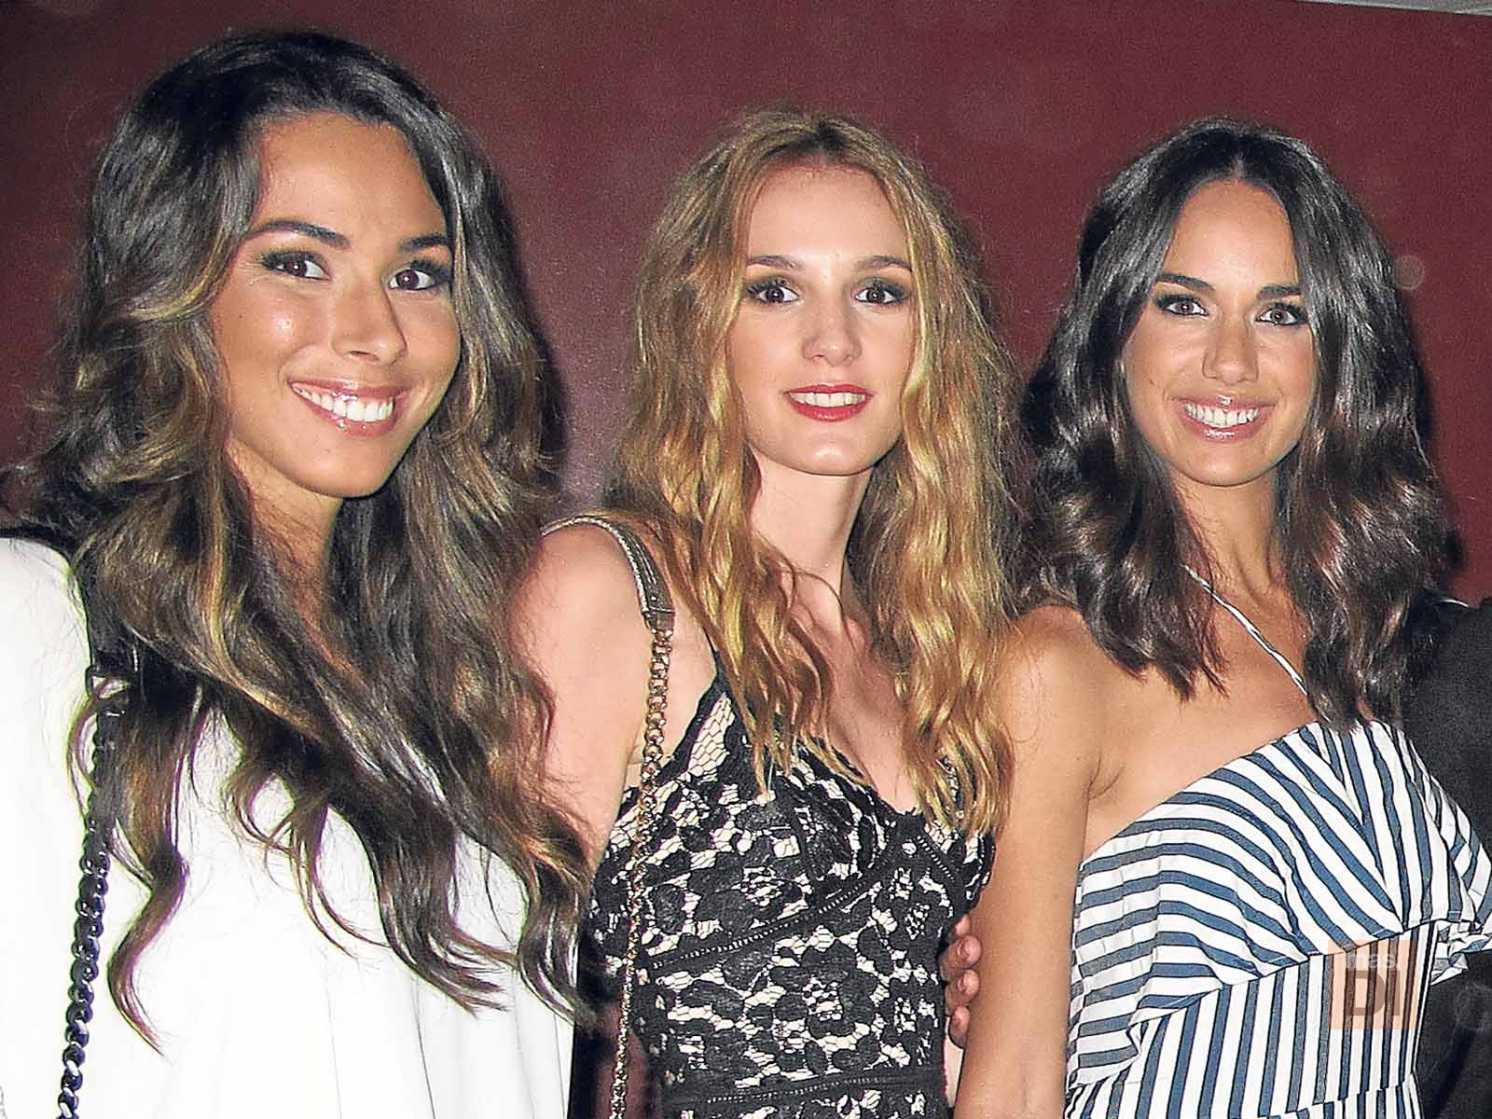 Las fiestas de la Moda Adlib reúnen a famosos y creadores